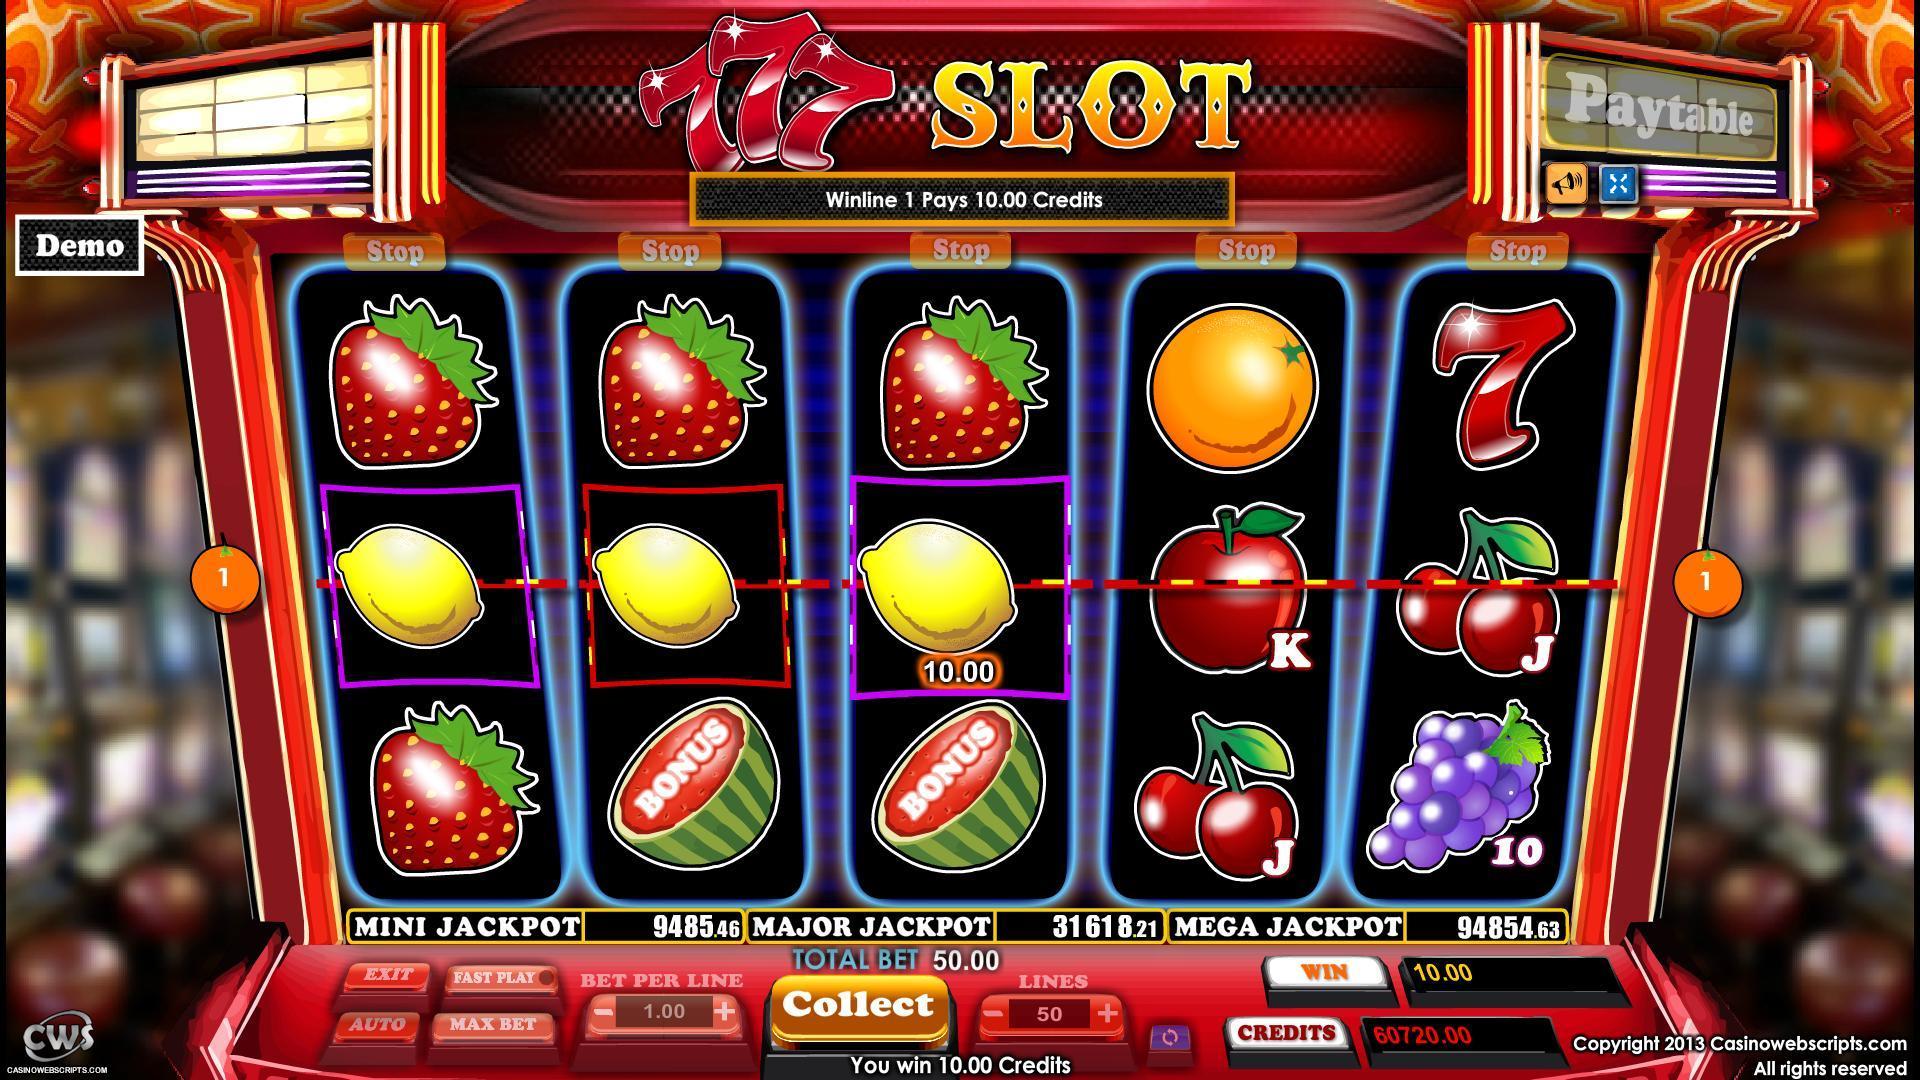 Как играть в бесплатные азартные игры и игровые автоматы